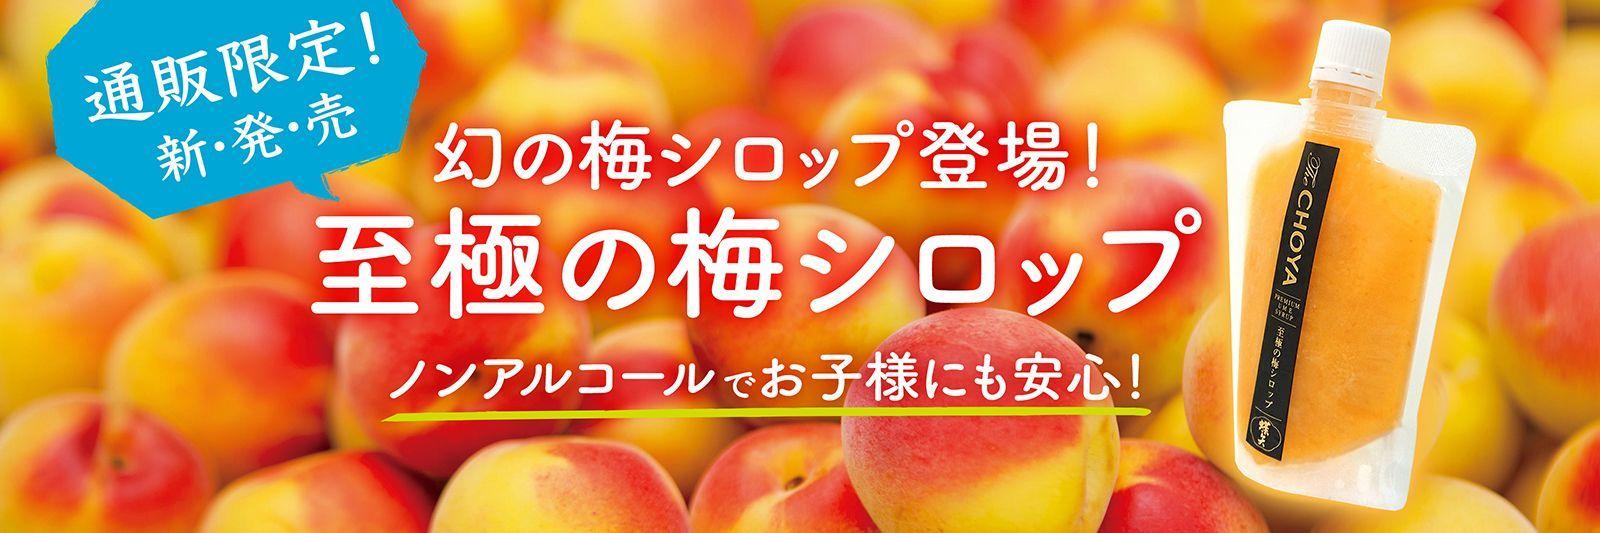 CHOYA至極の梅シロップ